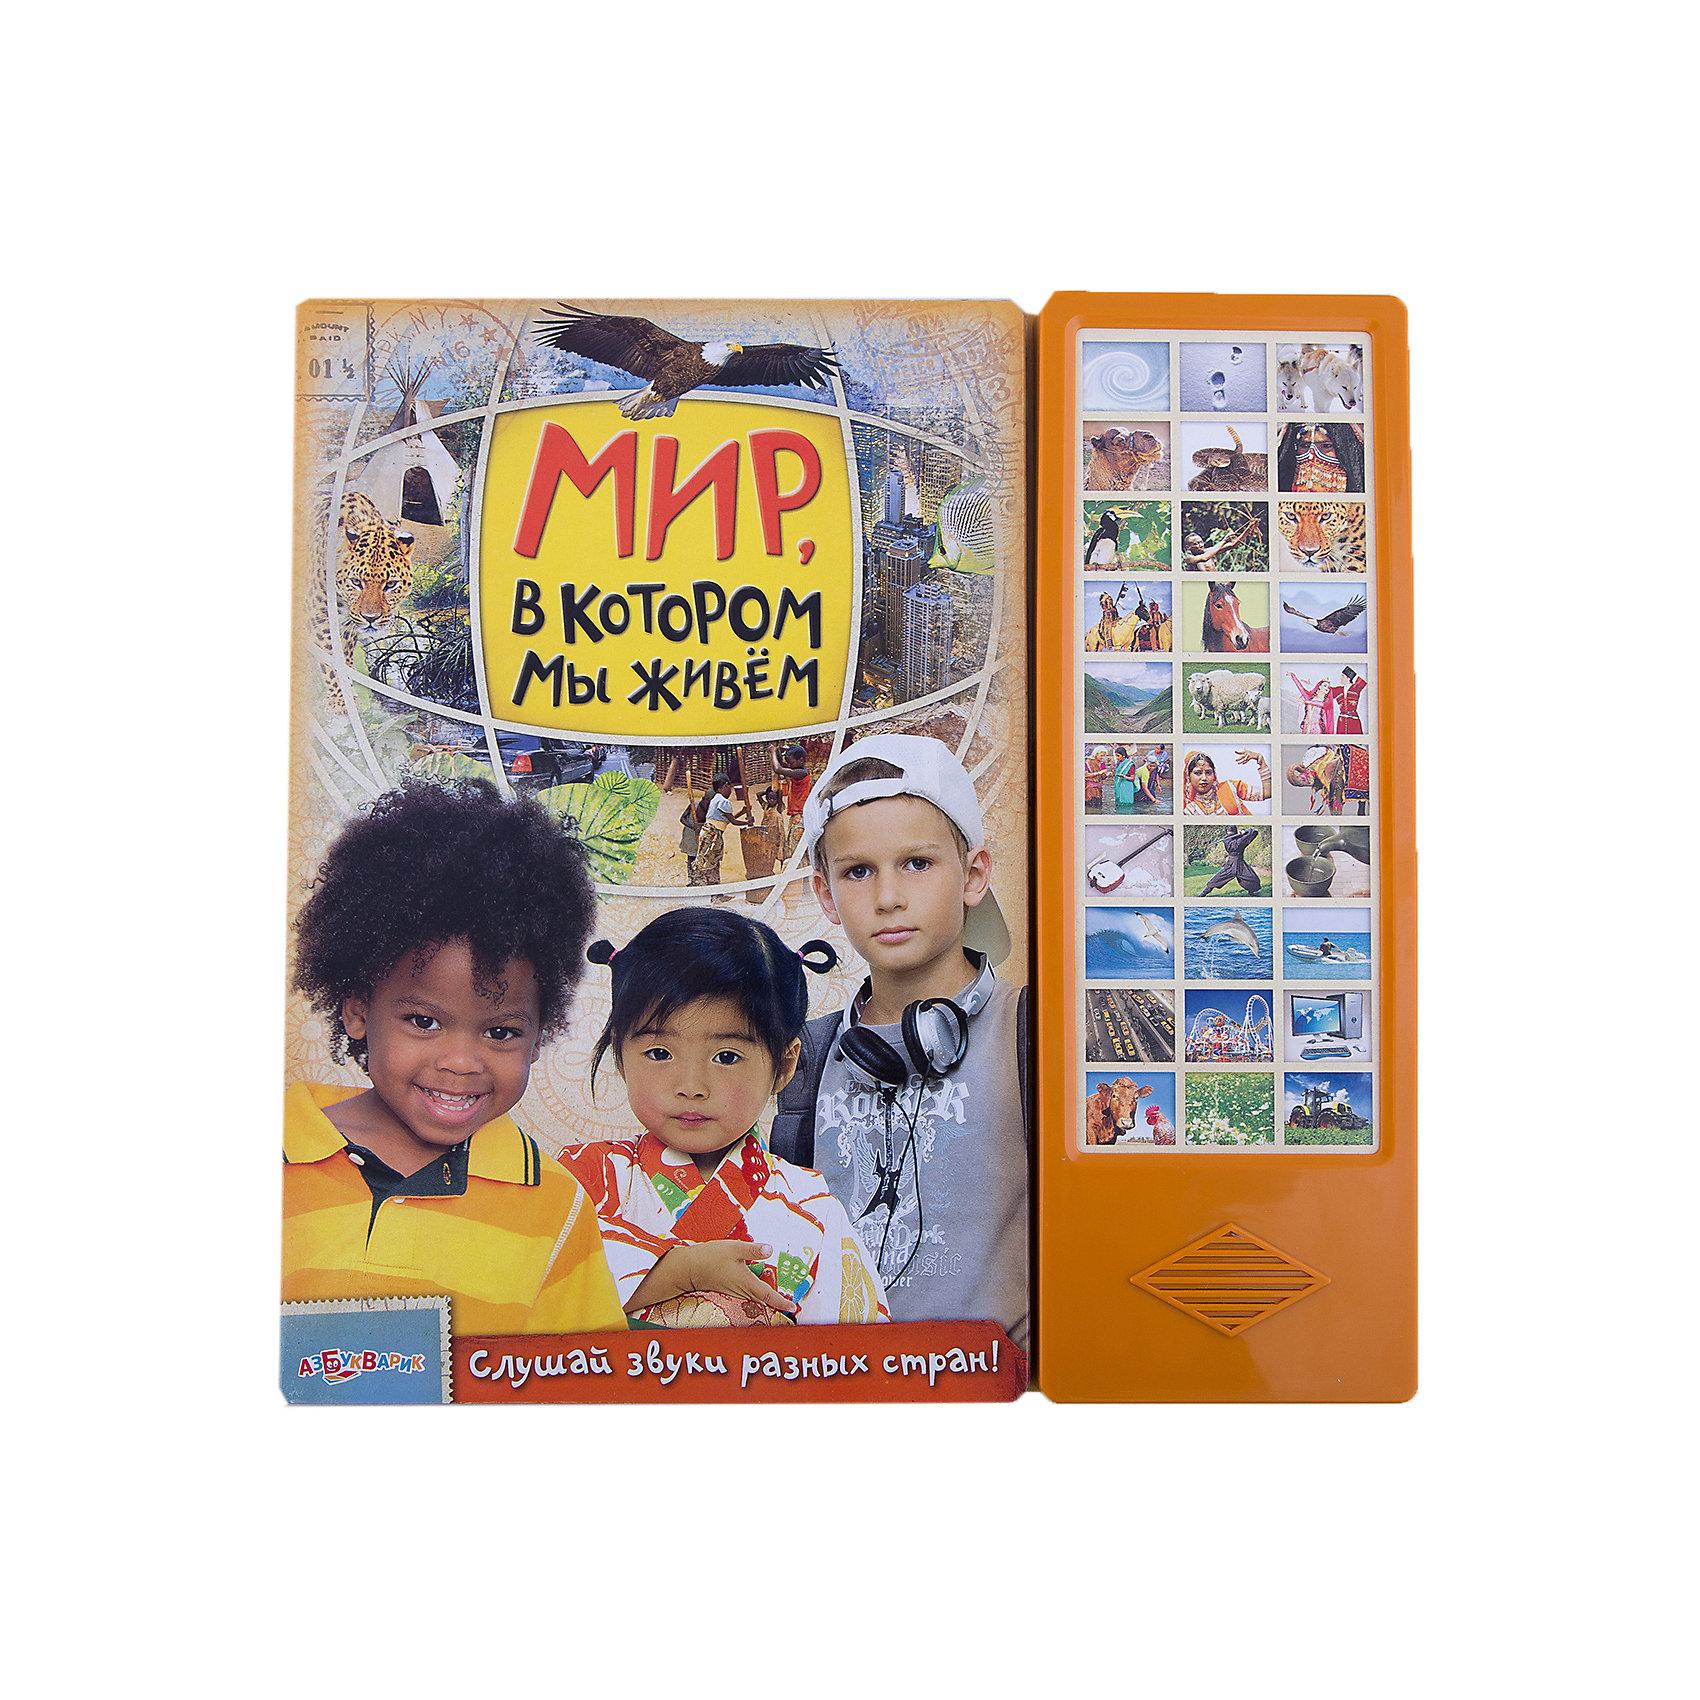 Мир в котором мы живемМузыкальные книги<br>Хочешь подружиться с детьми из разных уголков земного шара? Тогда эта книга - для тебя! Ее герои расскажут самое интересное о своей жизни, познакомят с обычаями и традициями своего народа. Оригинальные звуки и красочные иллюстрации сделают это знакомство живым и ярким!<br><br>Дополнительная информация:<br>  <br>- Переплет: картон.<br>- Формат: 30х30 см.<br>- Количество страниц: 16.<br>- Иллюстрации: цветные. <br>- Элемент питания: батарейки AG13/LR44 (в комплекте).<br><br>Книгу Мир в котором мы живем можно купить в нашем магазине.<br><br>Ширина мм: 300<br>Глубина мм: 150<br>Высота мм: 20<br>Вес г: 890<br>Возраст от месяцев: 24<br>Возраст до месяцев: 60<br>Пол: Унисекс<br>Возраст: Детский<br>SKU: 4603670